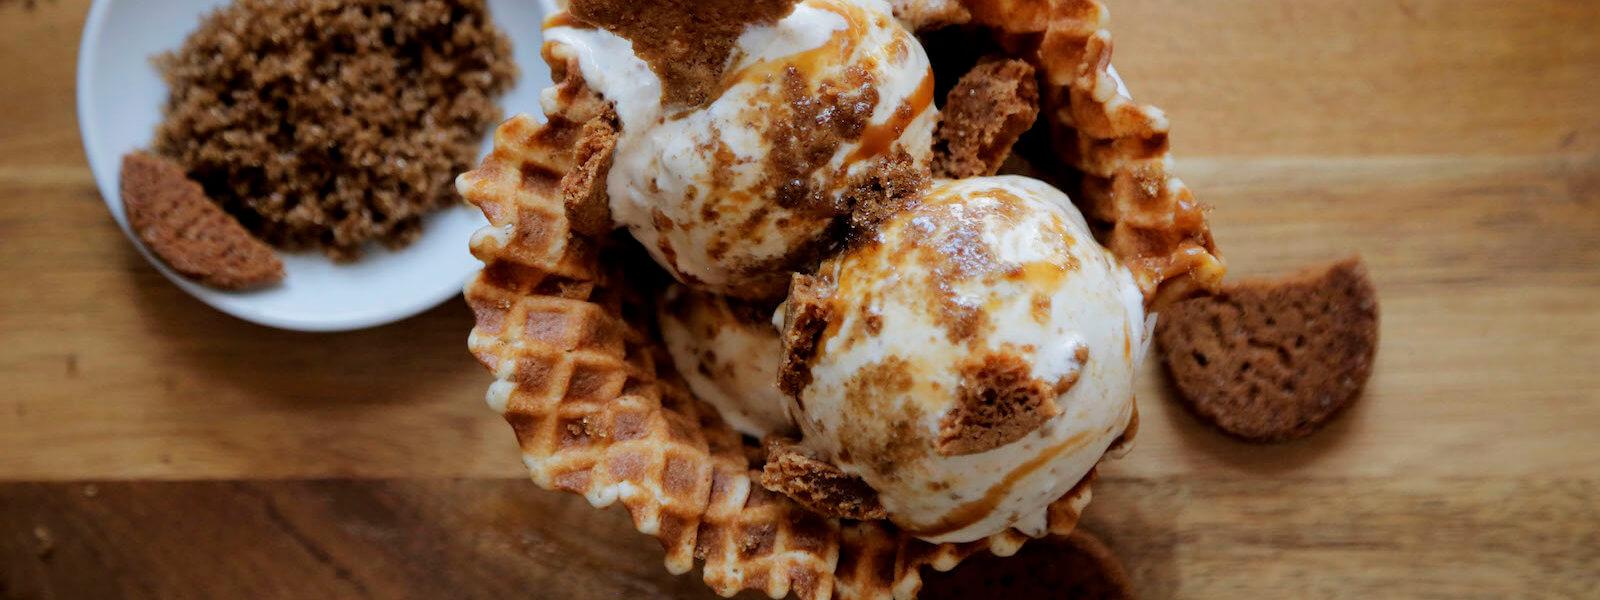 Brown-Sugar-with-Cinnamon-Cookies-Header-1600x600.jpg